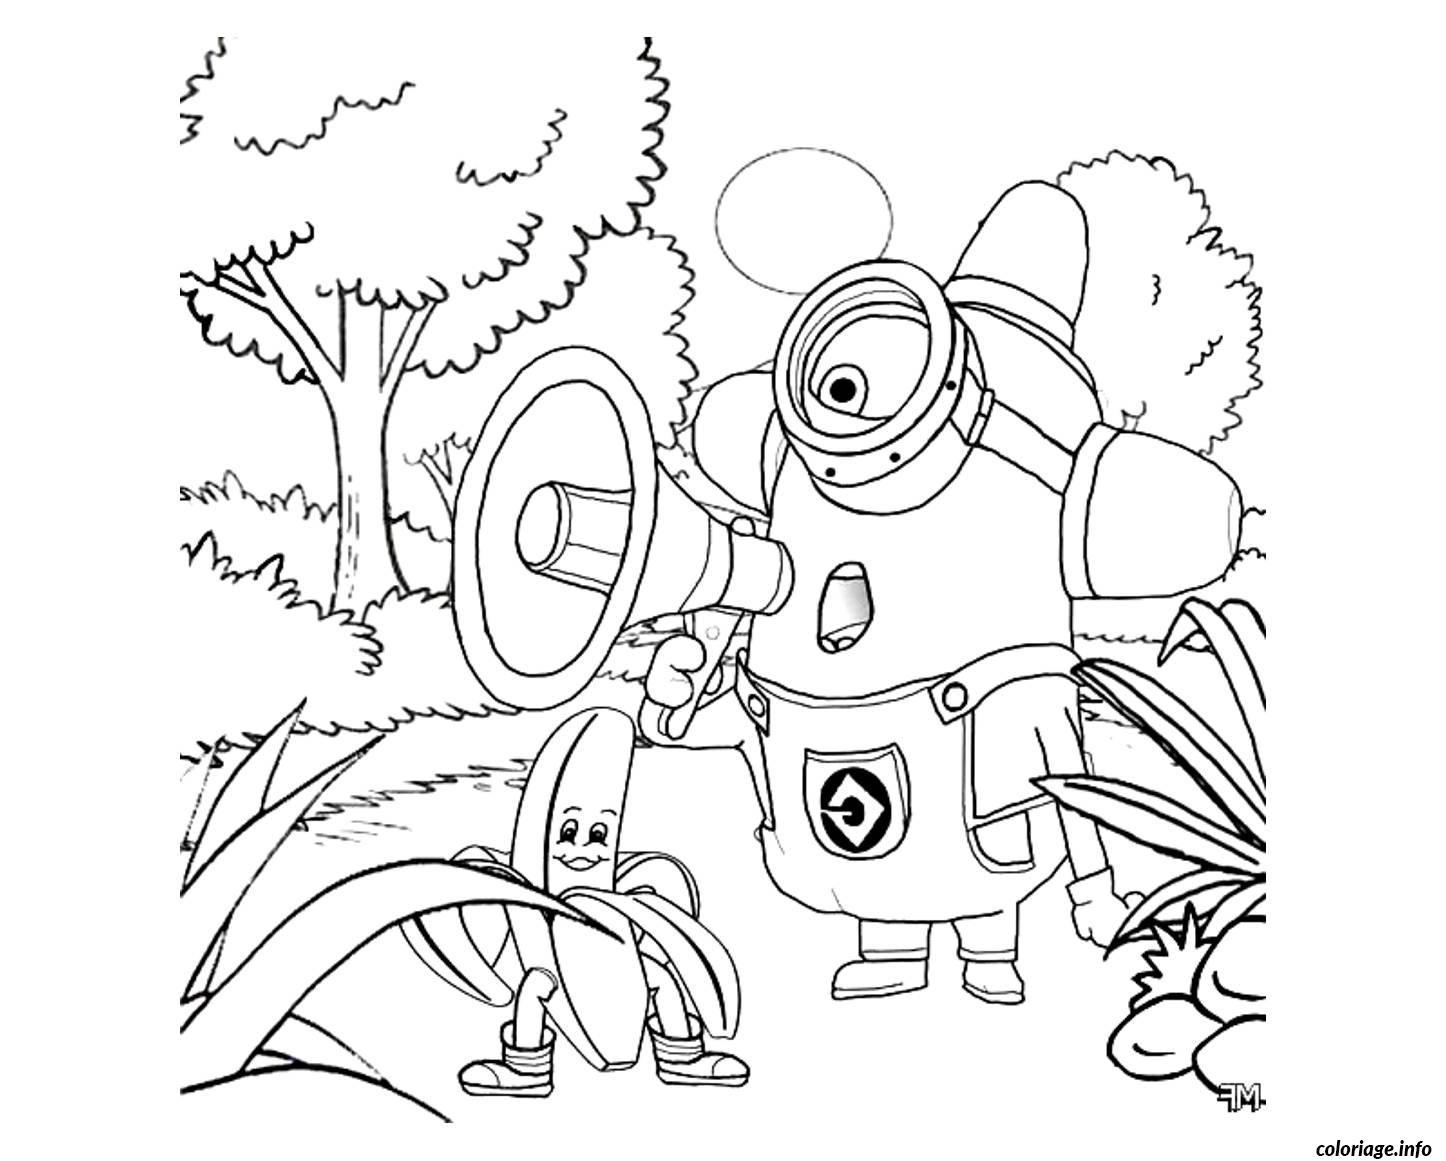 coloriage dessin minion dans la foret dessin imprimer - Dessin Minion